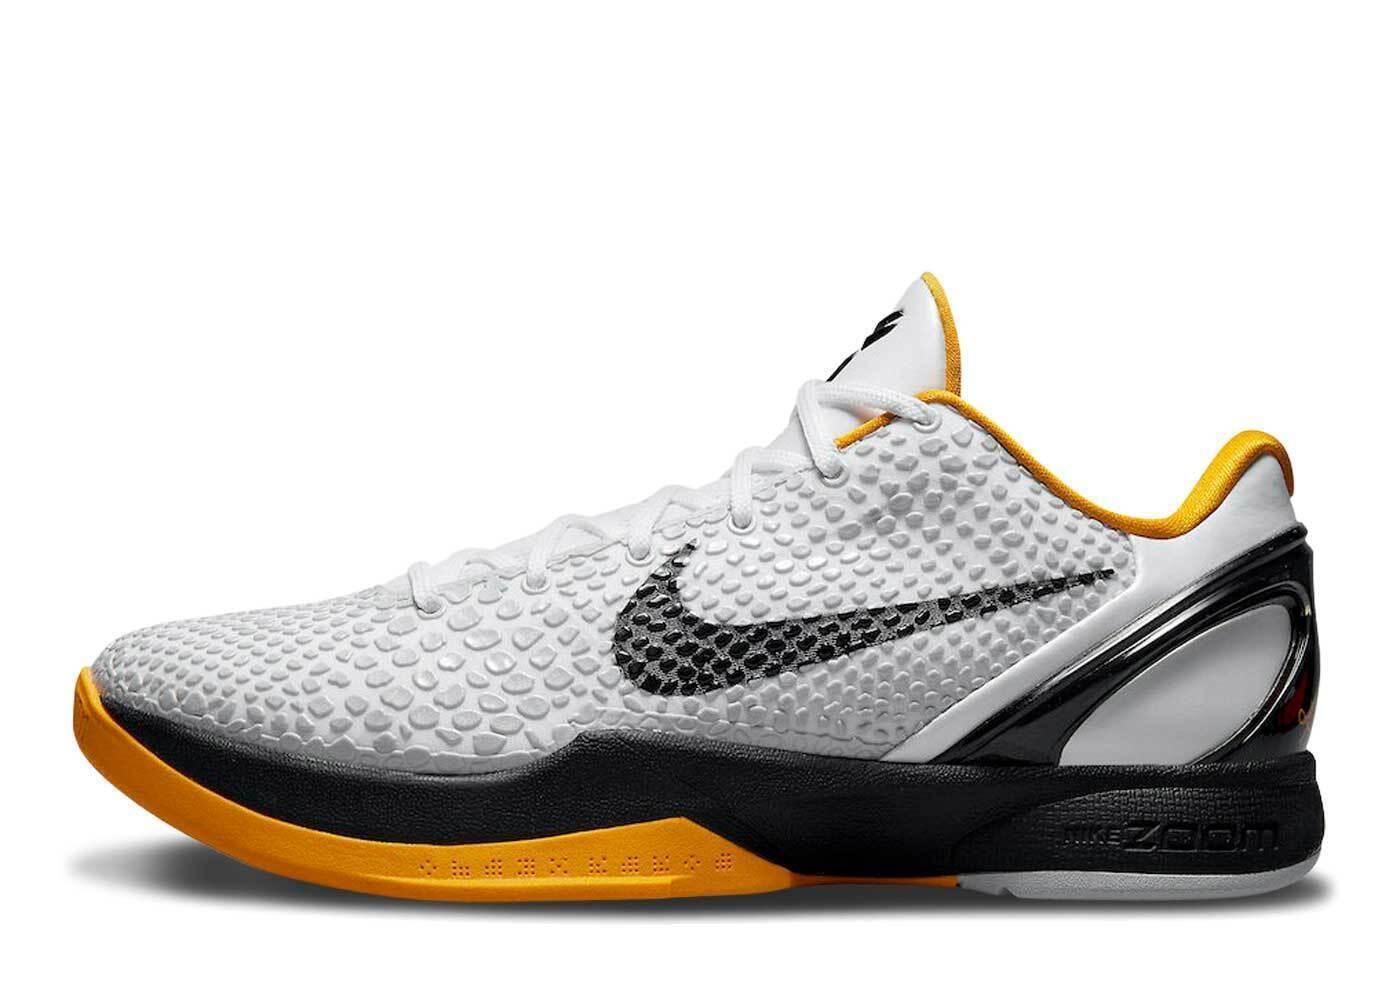 Nike Kobe 6 Protro Del Sol White Neutral Grayの写真